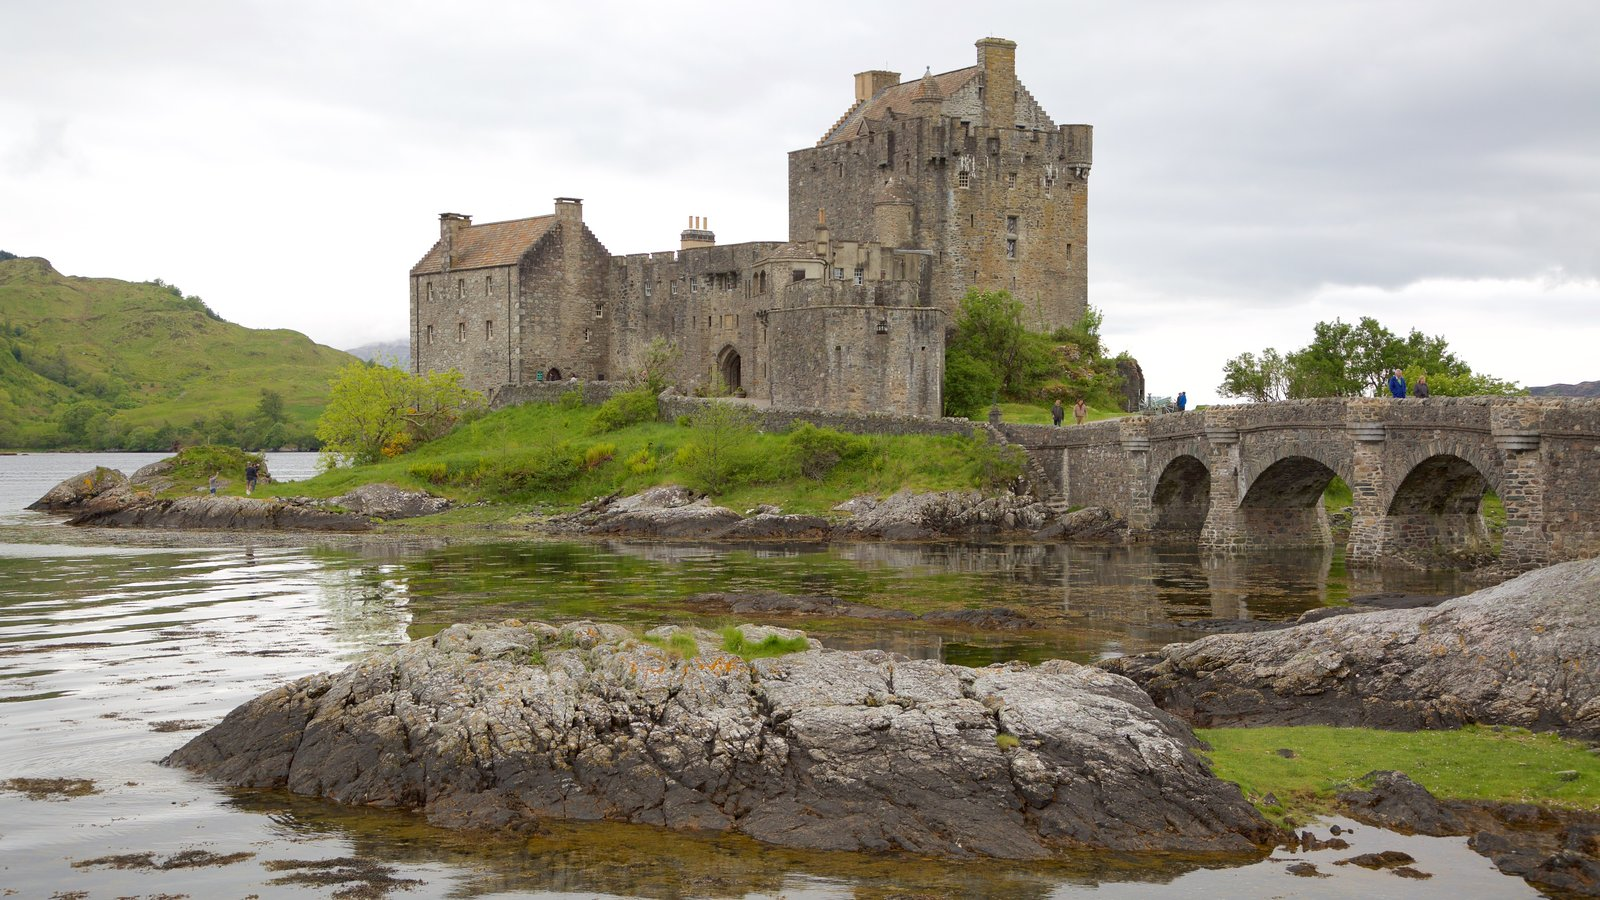 Castillo de Eilean Donan ofreciendo castillo o palacio, patrimonio de arquitectura y un lago o abrevadero